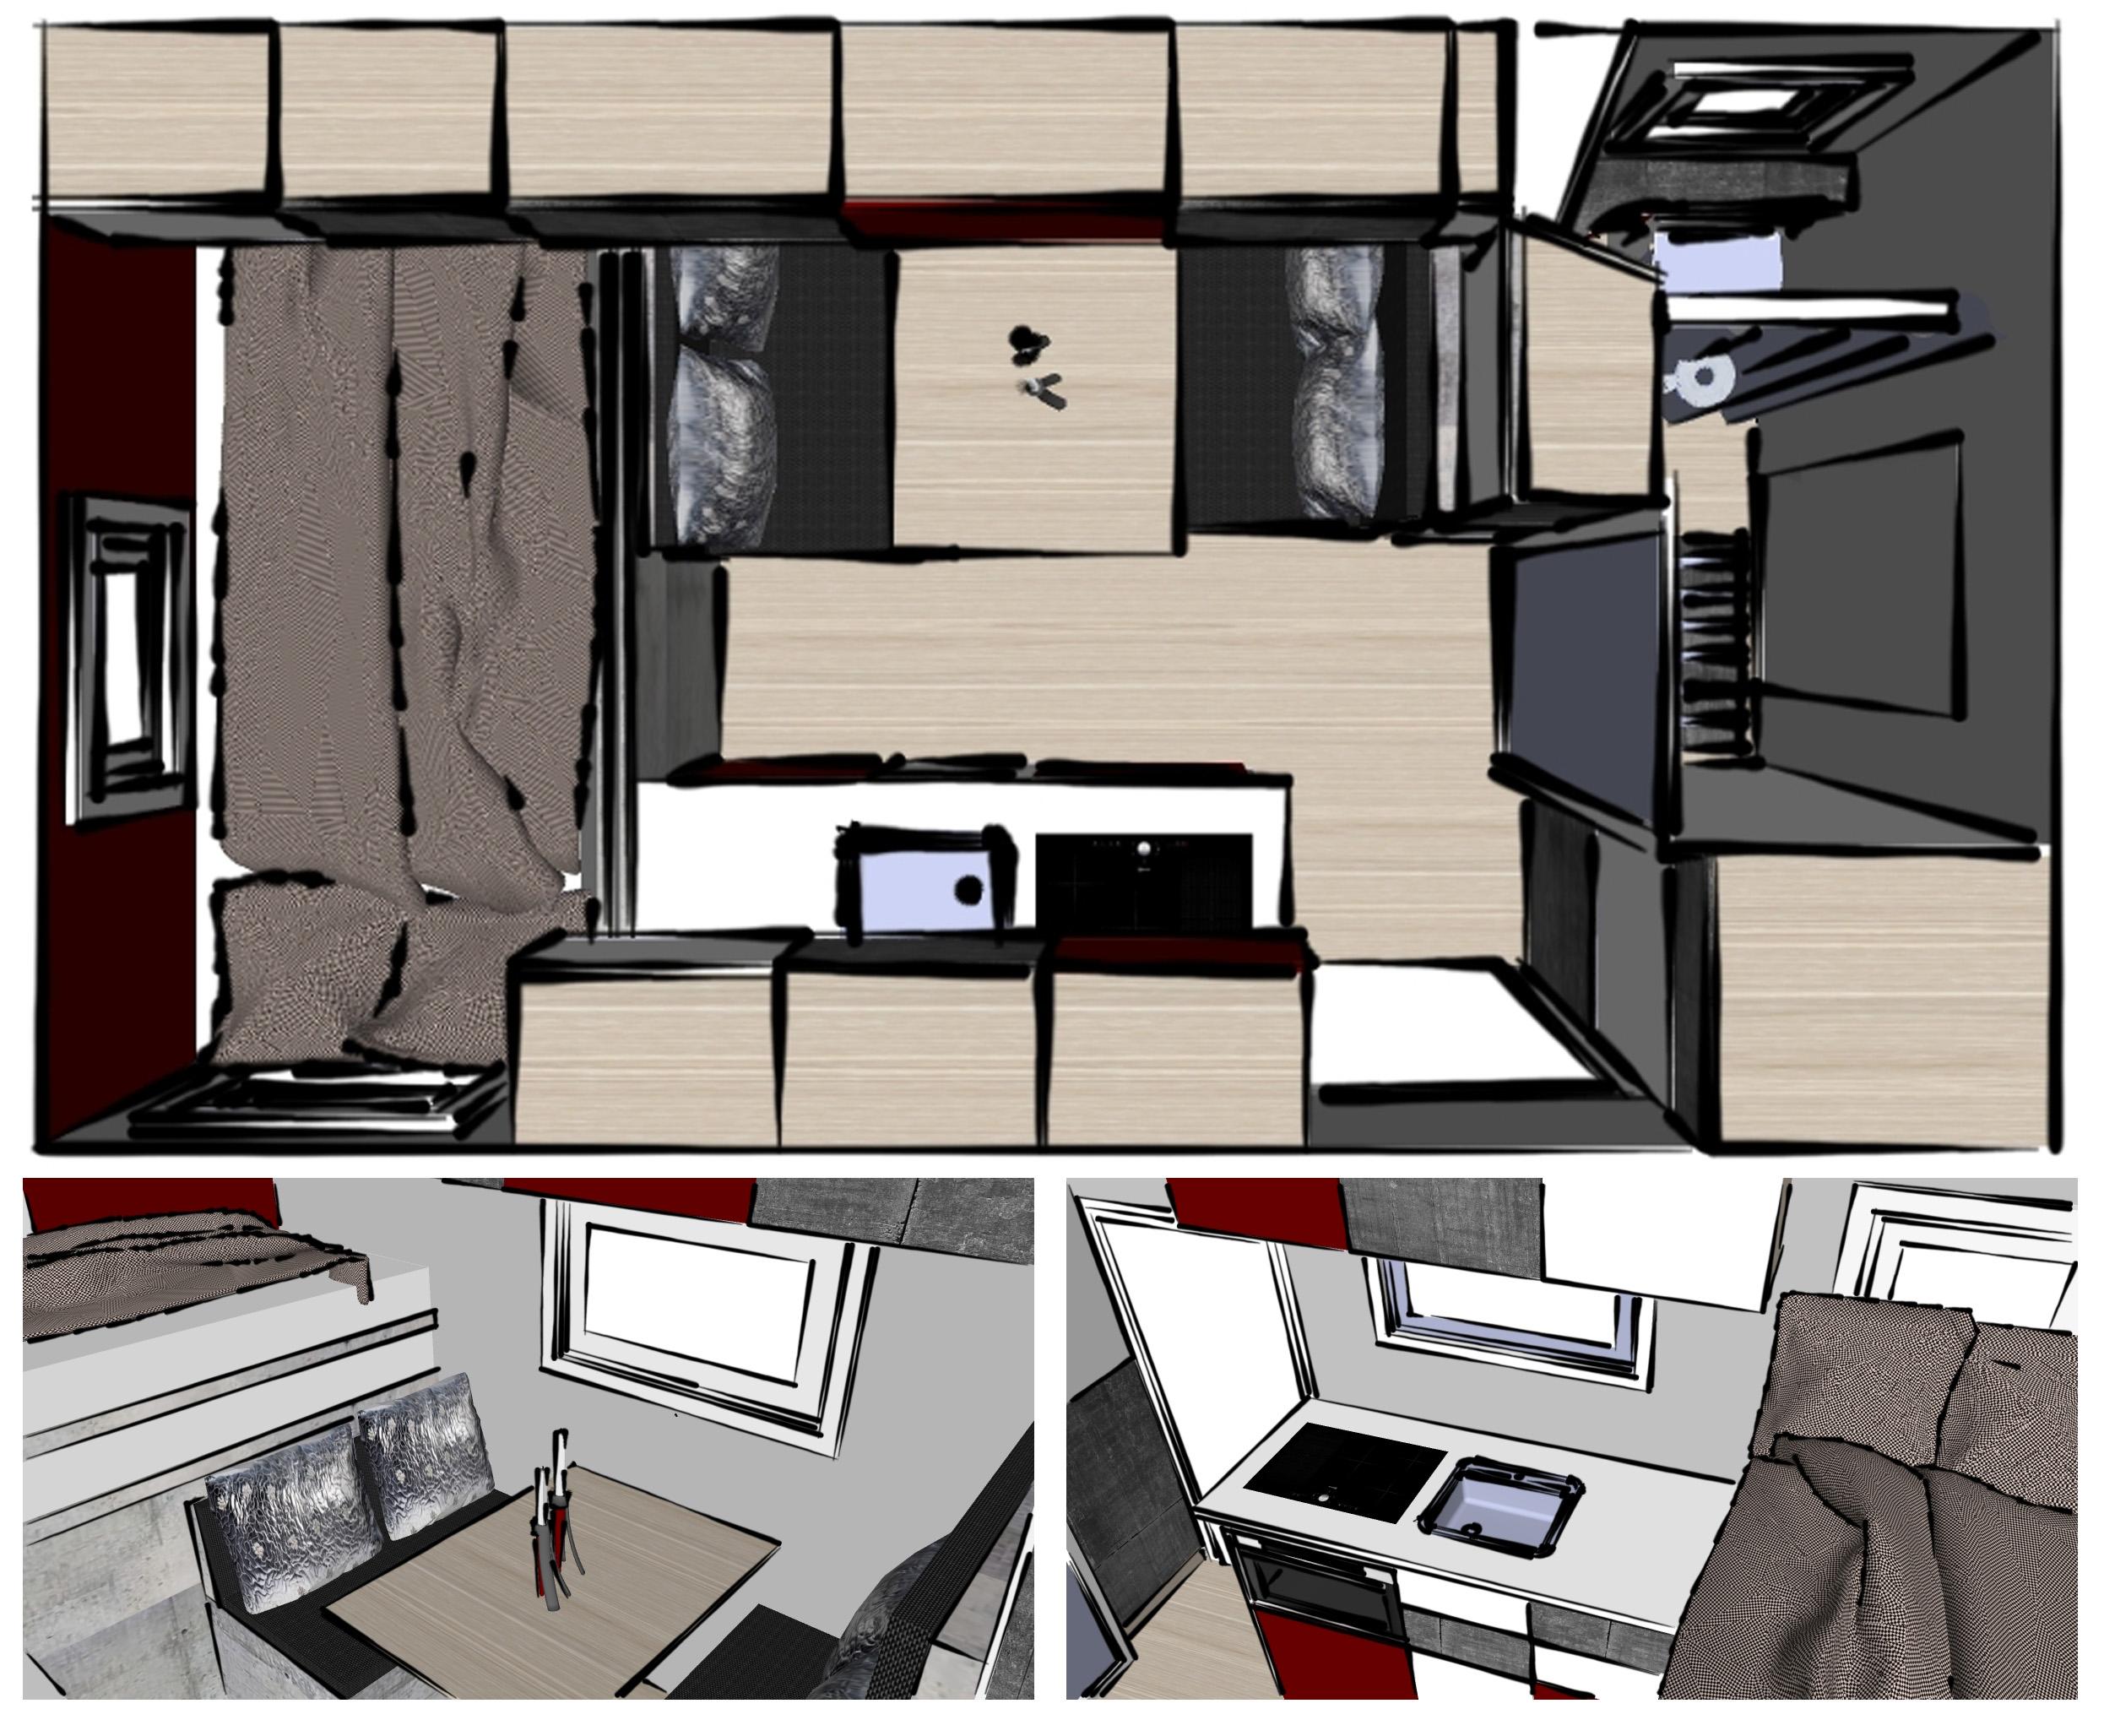 Wohnmobil mit schlichter aber hochwertiger Ausstattung